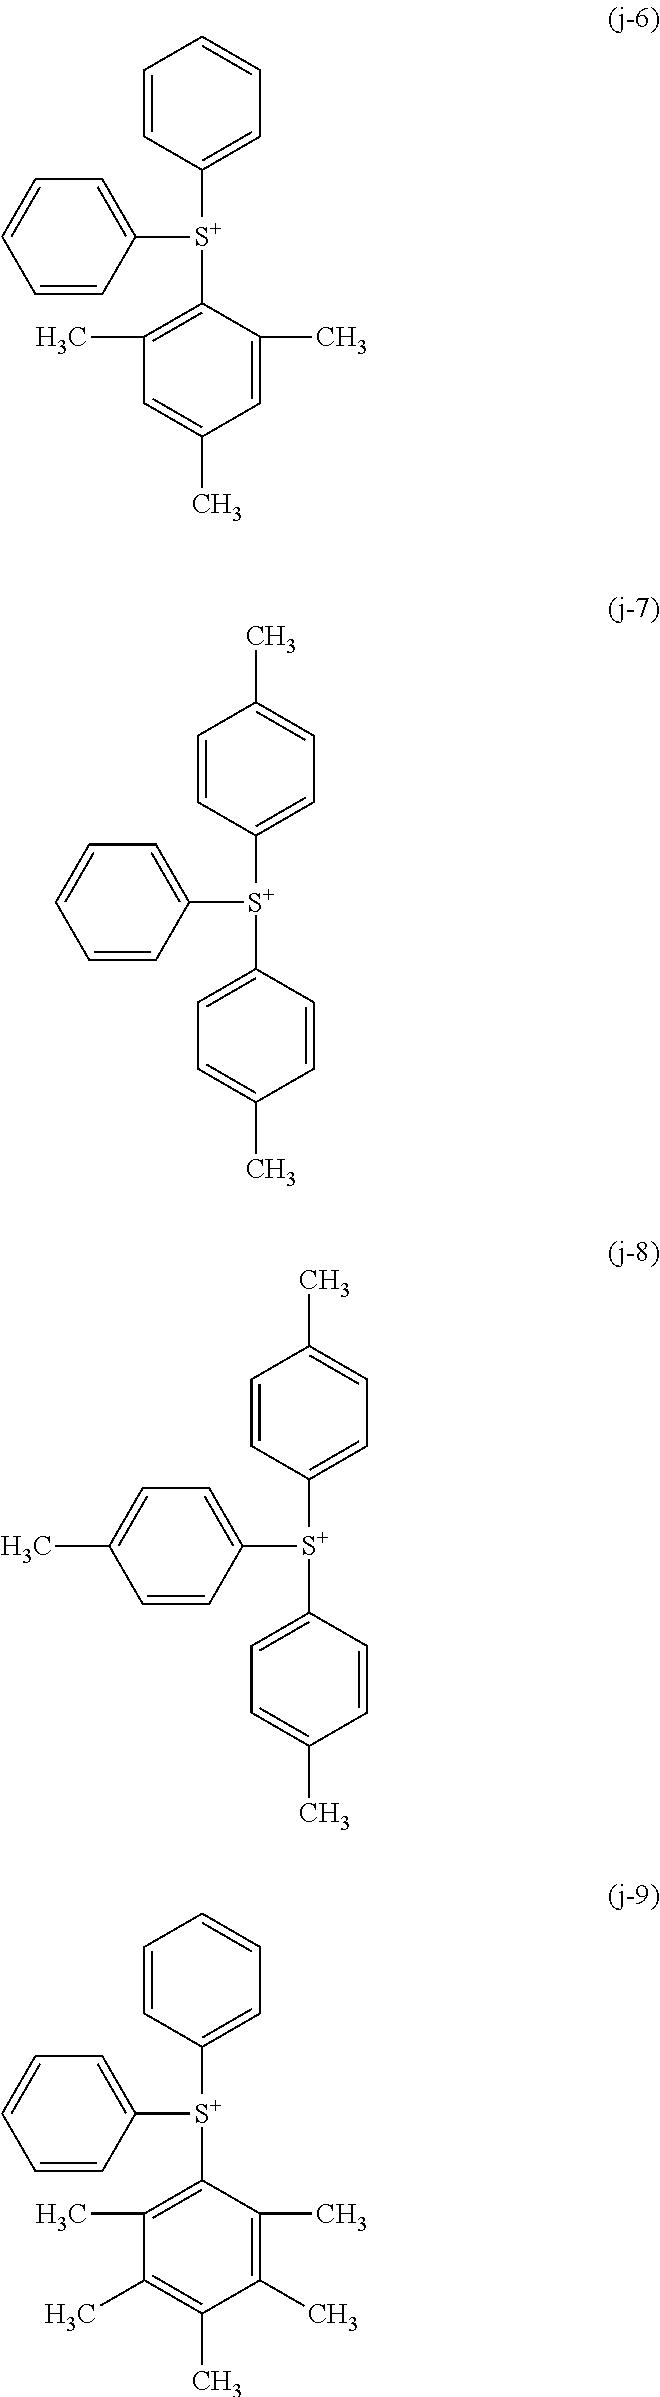 Figure US08507575-20130813-C00019